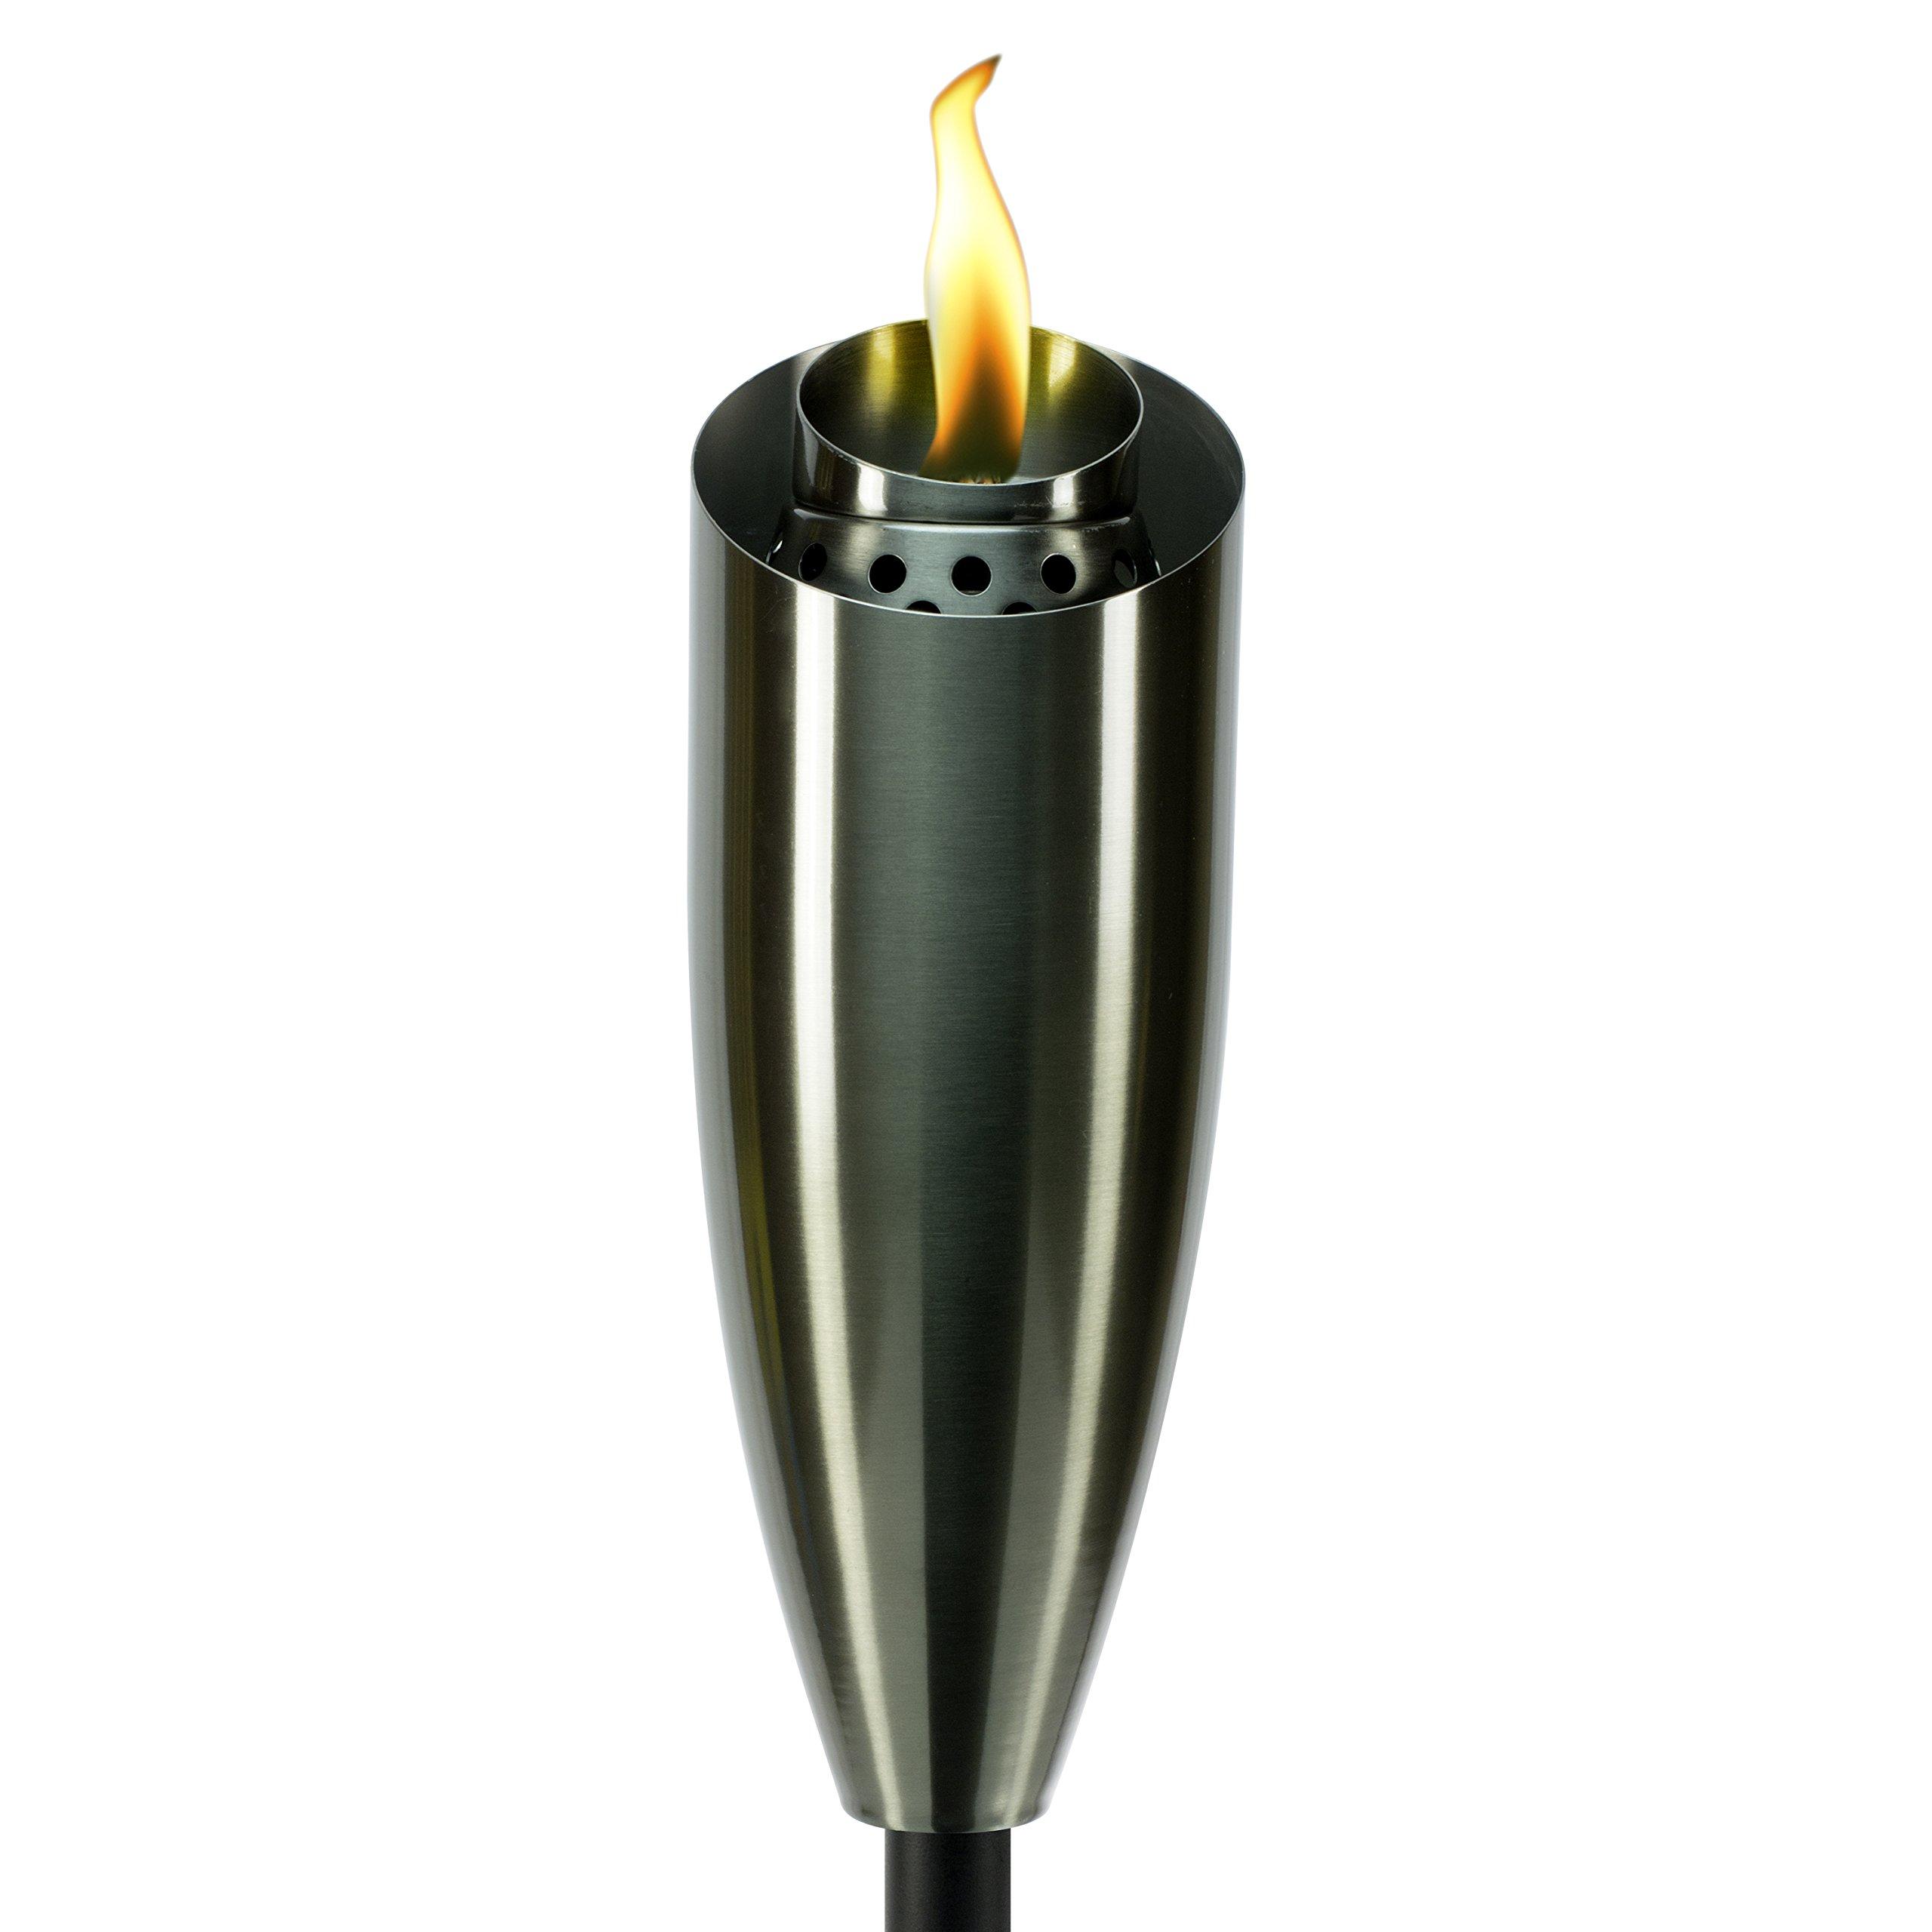 Tiki 1117058 Stainless Steel Torch, 60'', Gun Metal